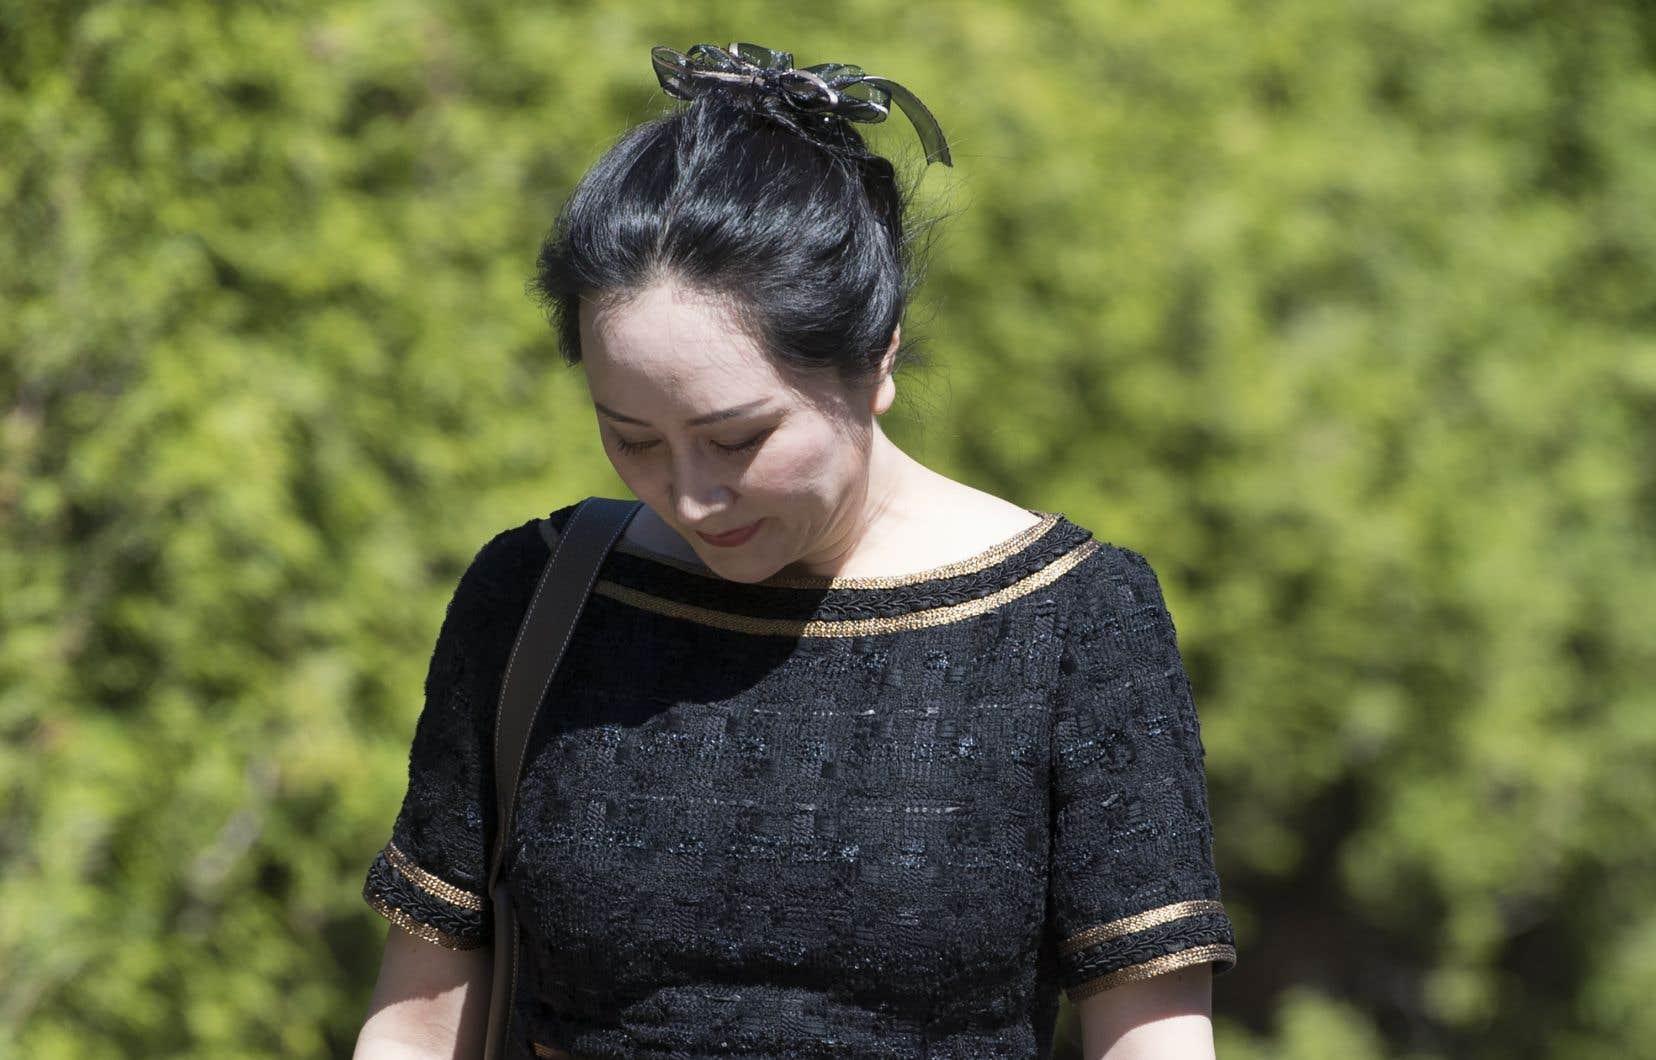 La directrice financière de Huawei, Meng Wanzhou, fait face à une procédure d'extradition vers les États-Unis, où elle est accusée de fraude à New York, mais elle nie ces allégations.